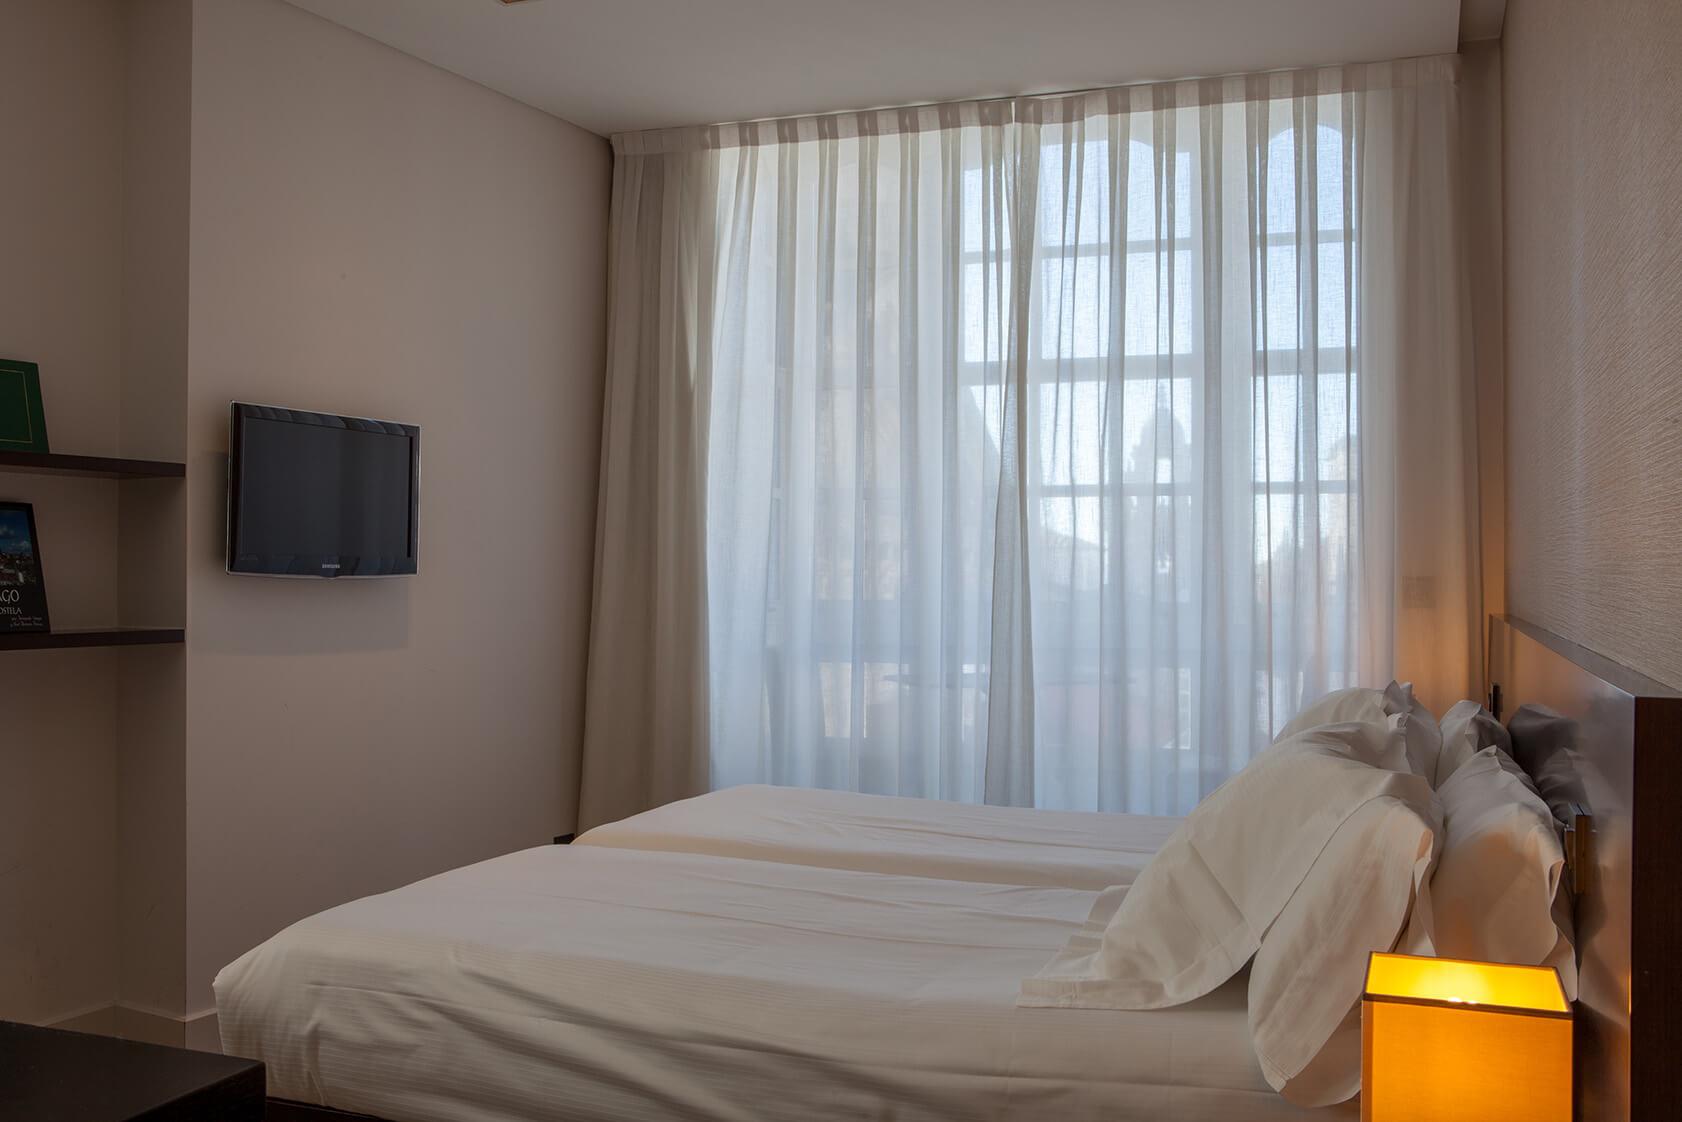 Hotel-sanmiguel-01